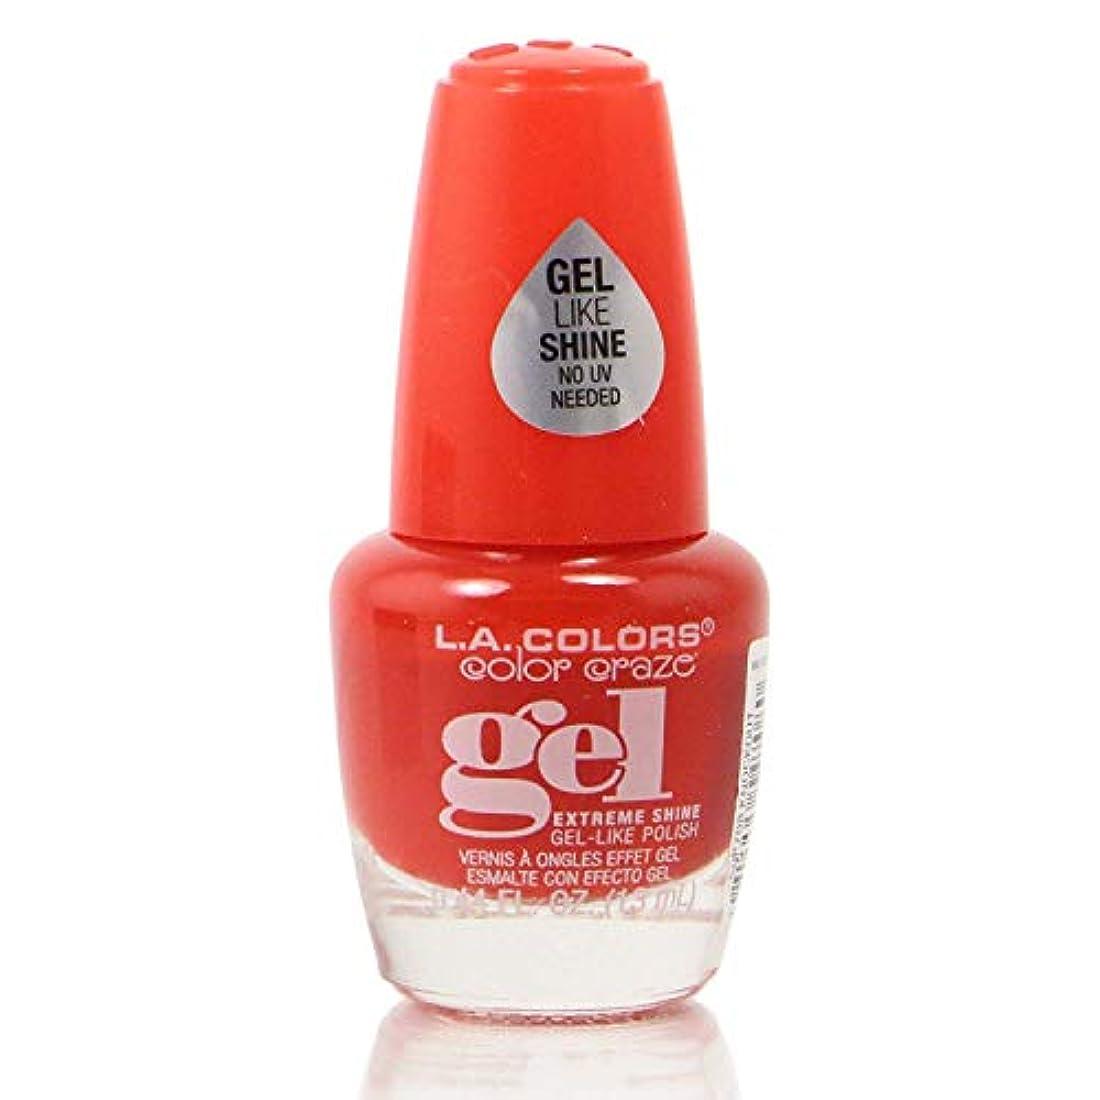 くさびコアキャンベラLA Colors 美容化粧品21 Cnp708美容化粧品21